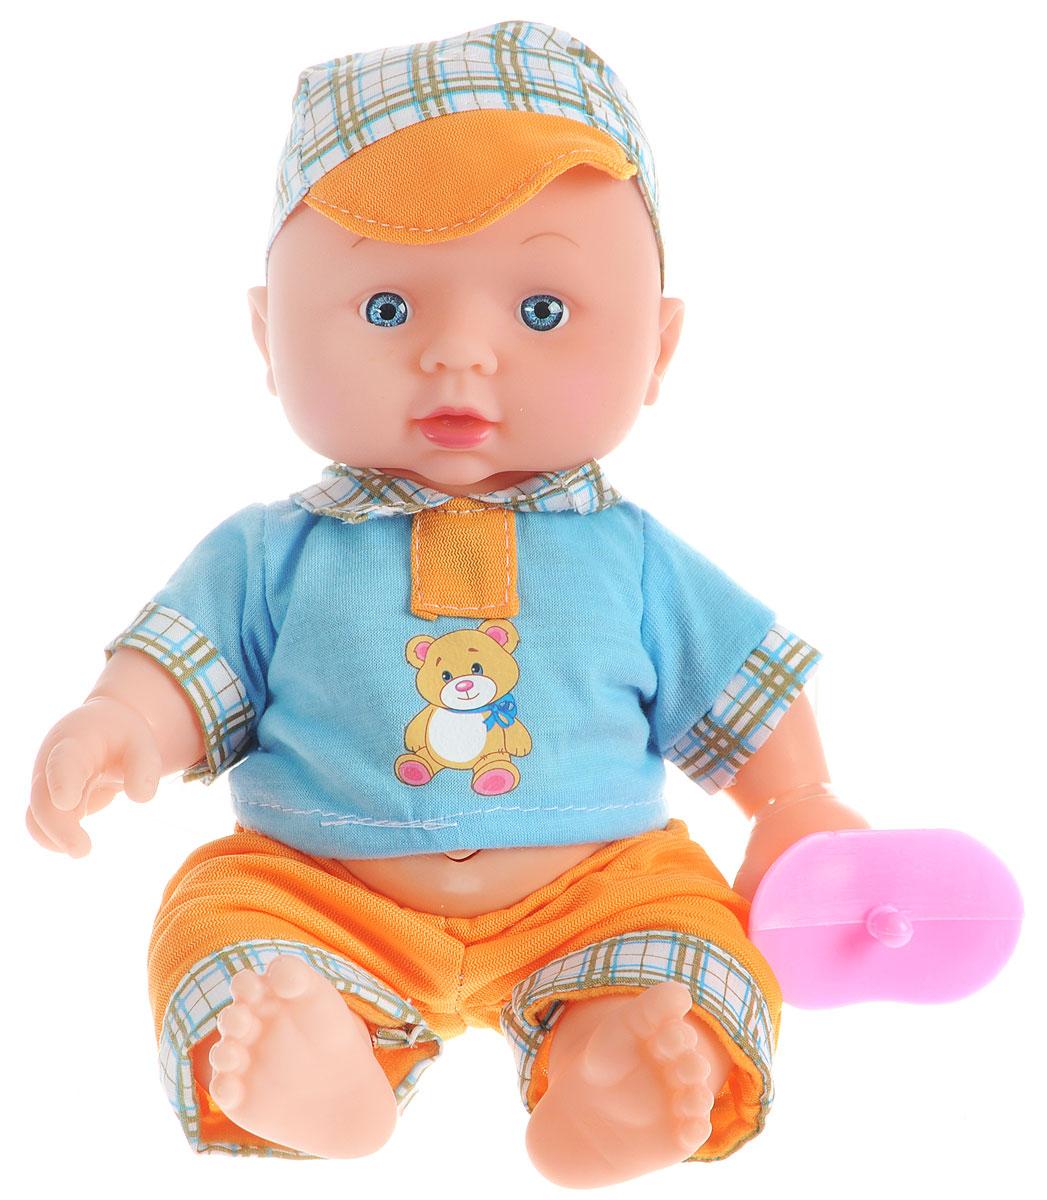 Карапуз Пупс озвученный цвет одежды голубой желтый203-Q-RU_голубойЗамечательный пупс Карапуз умеет петь и знает наизусть три стихотворения Агнии Барто. Пупс одет в летний костюмчик - желтые брючки и голубую рубашку, а на голове у него симпатичная кепочка. У малыша большие голубые глаза и выразительное личико. Ручки, ножки и шея у пупса подвижные. Игрушка выполнена из пластика, тело пупса твердое. Если нажать пупсу на животик, он начнет петь песню о лошадке, или рассказывать стихотворение. Куколка может рассказать стихотворения Мишка, Зайка и Бычок. С таким пупсом ребенку точно не будет скучно. А благодаря своему реалистичному виду, девочка сможет войти в роль заботливой мамы и с удовольствием понянчиться с малышом. В наборе с пупсом есть игрушечная пустышка. Для работы требуются 3 батарейки LR44 (комплектуется демонстрационными).